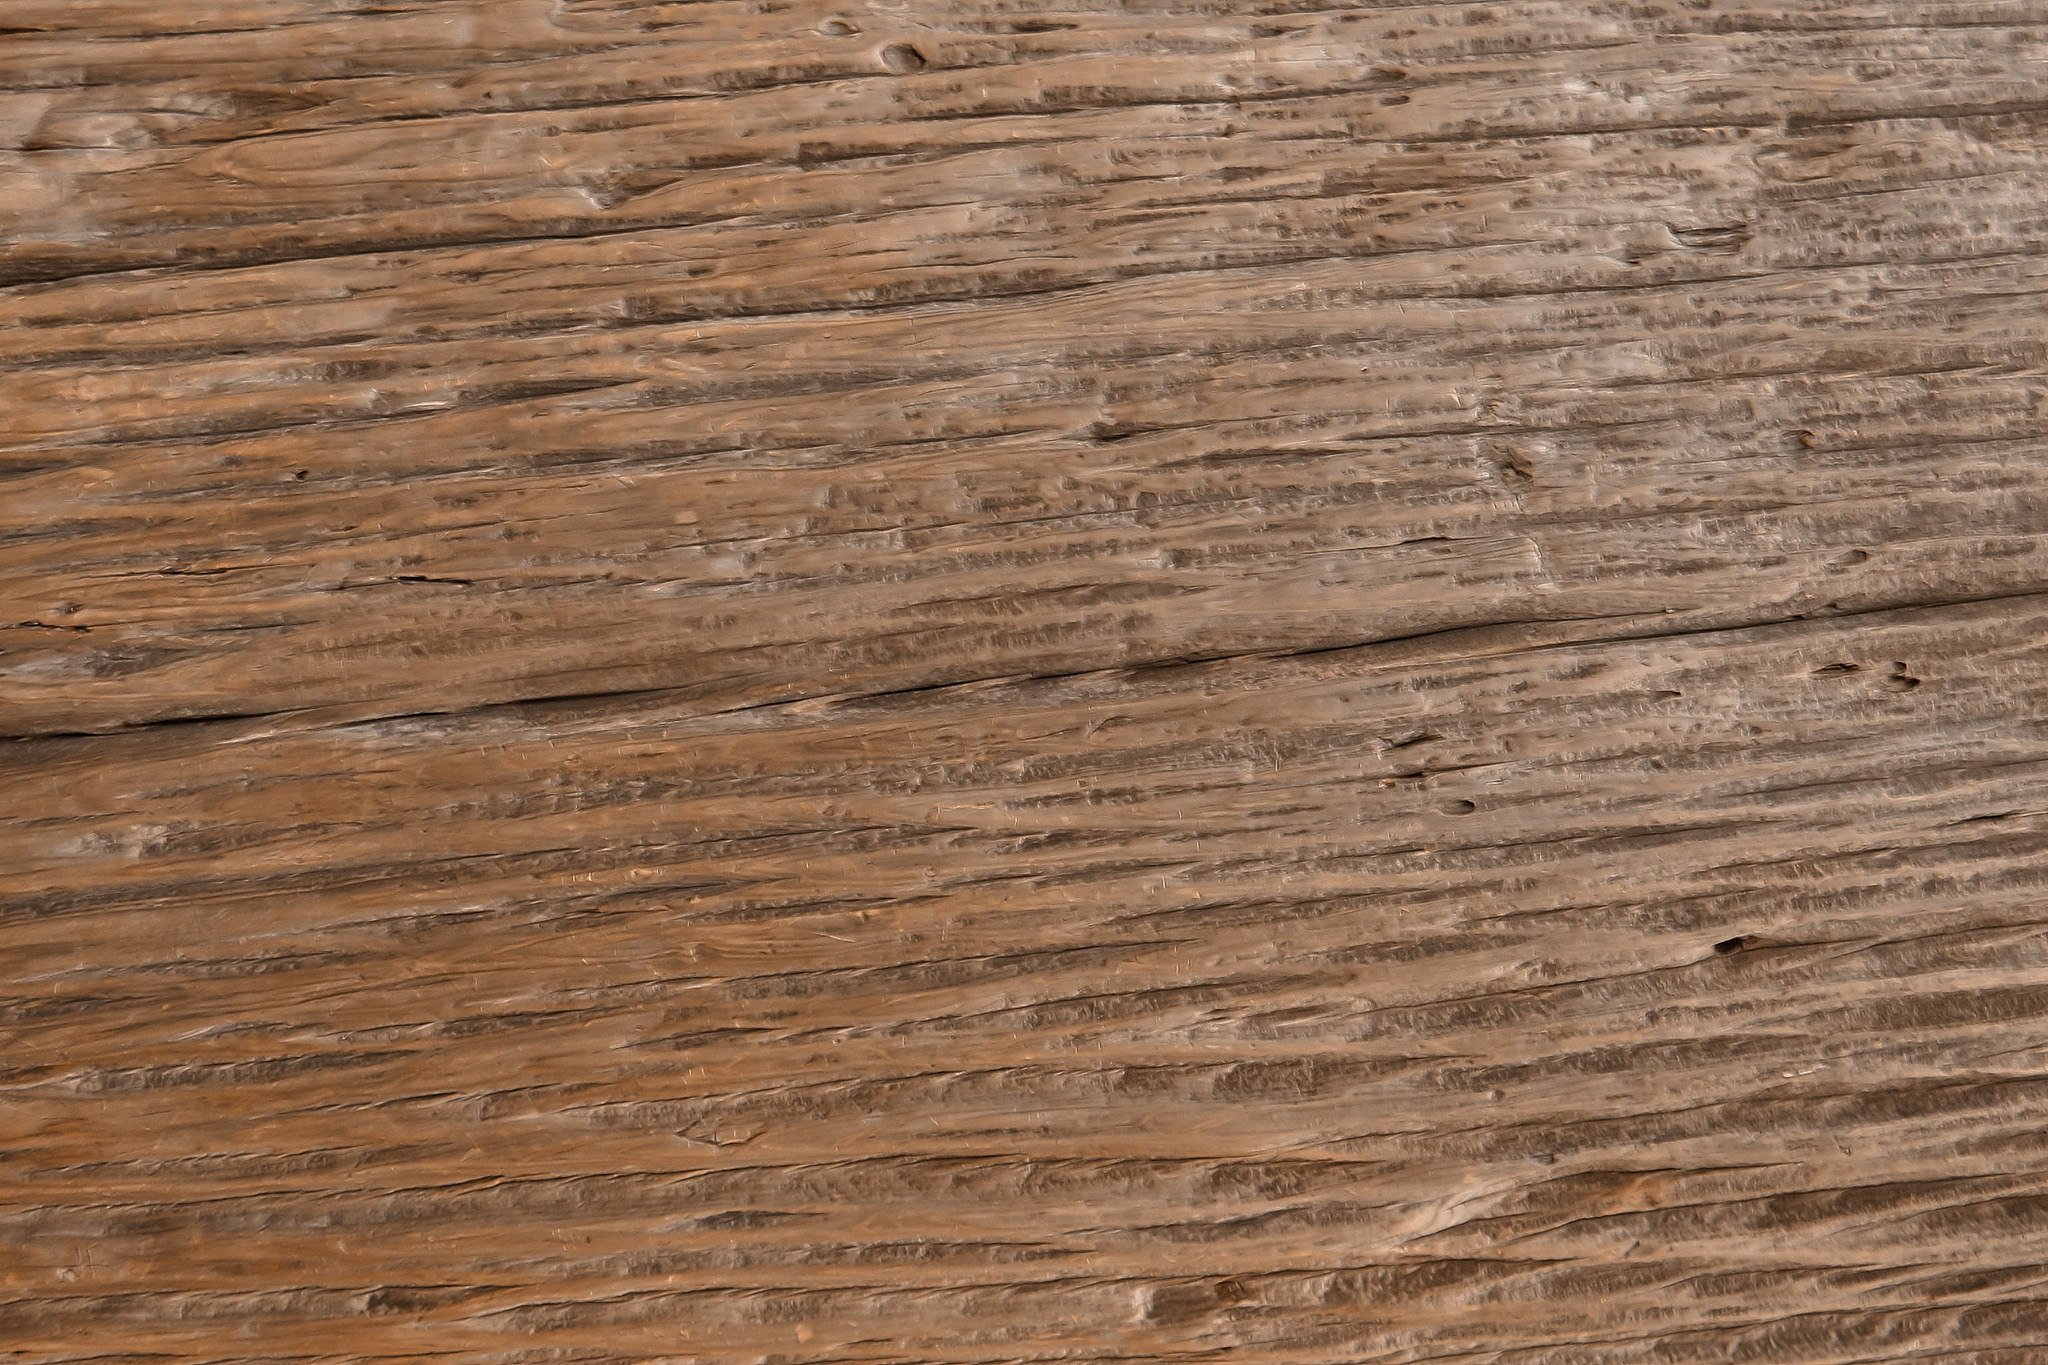 「朽ちた木のテクスチャー」の素材を無料ダウンロード